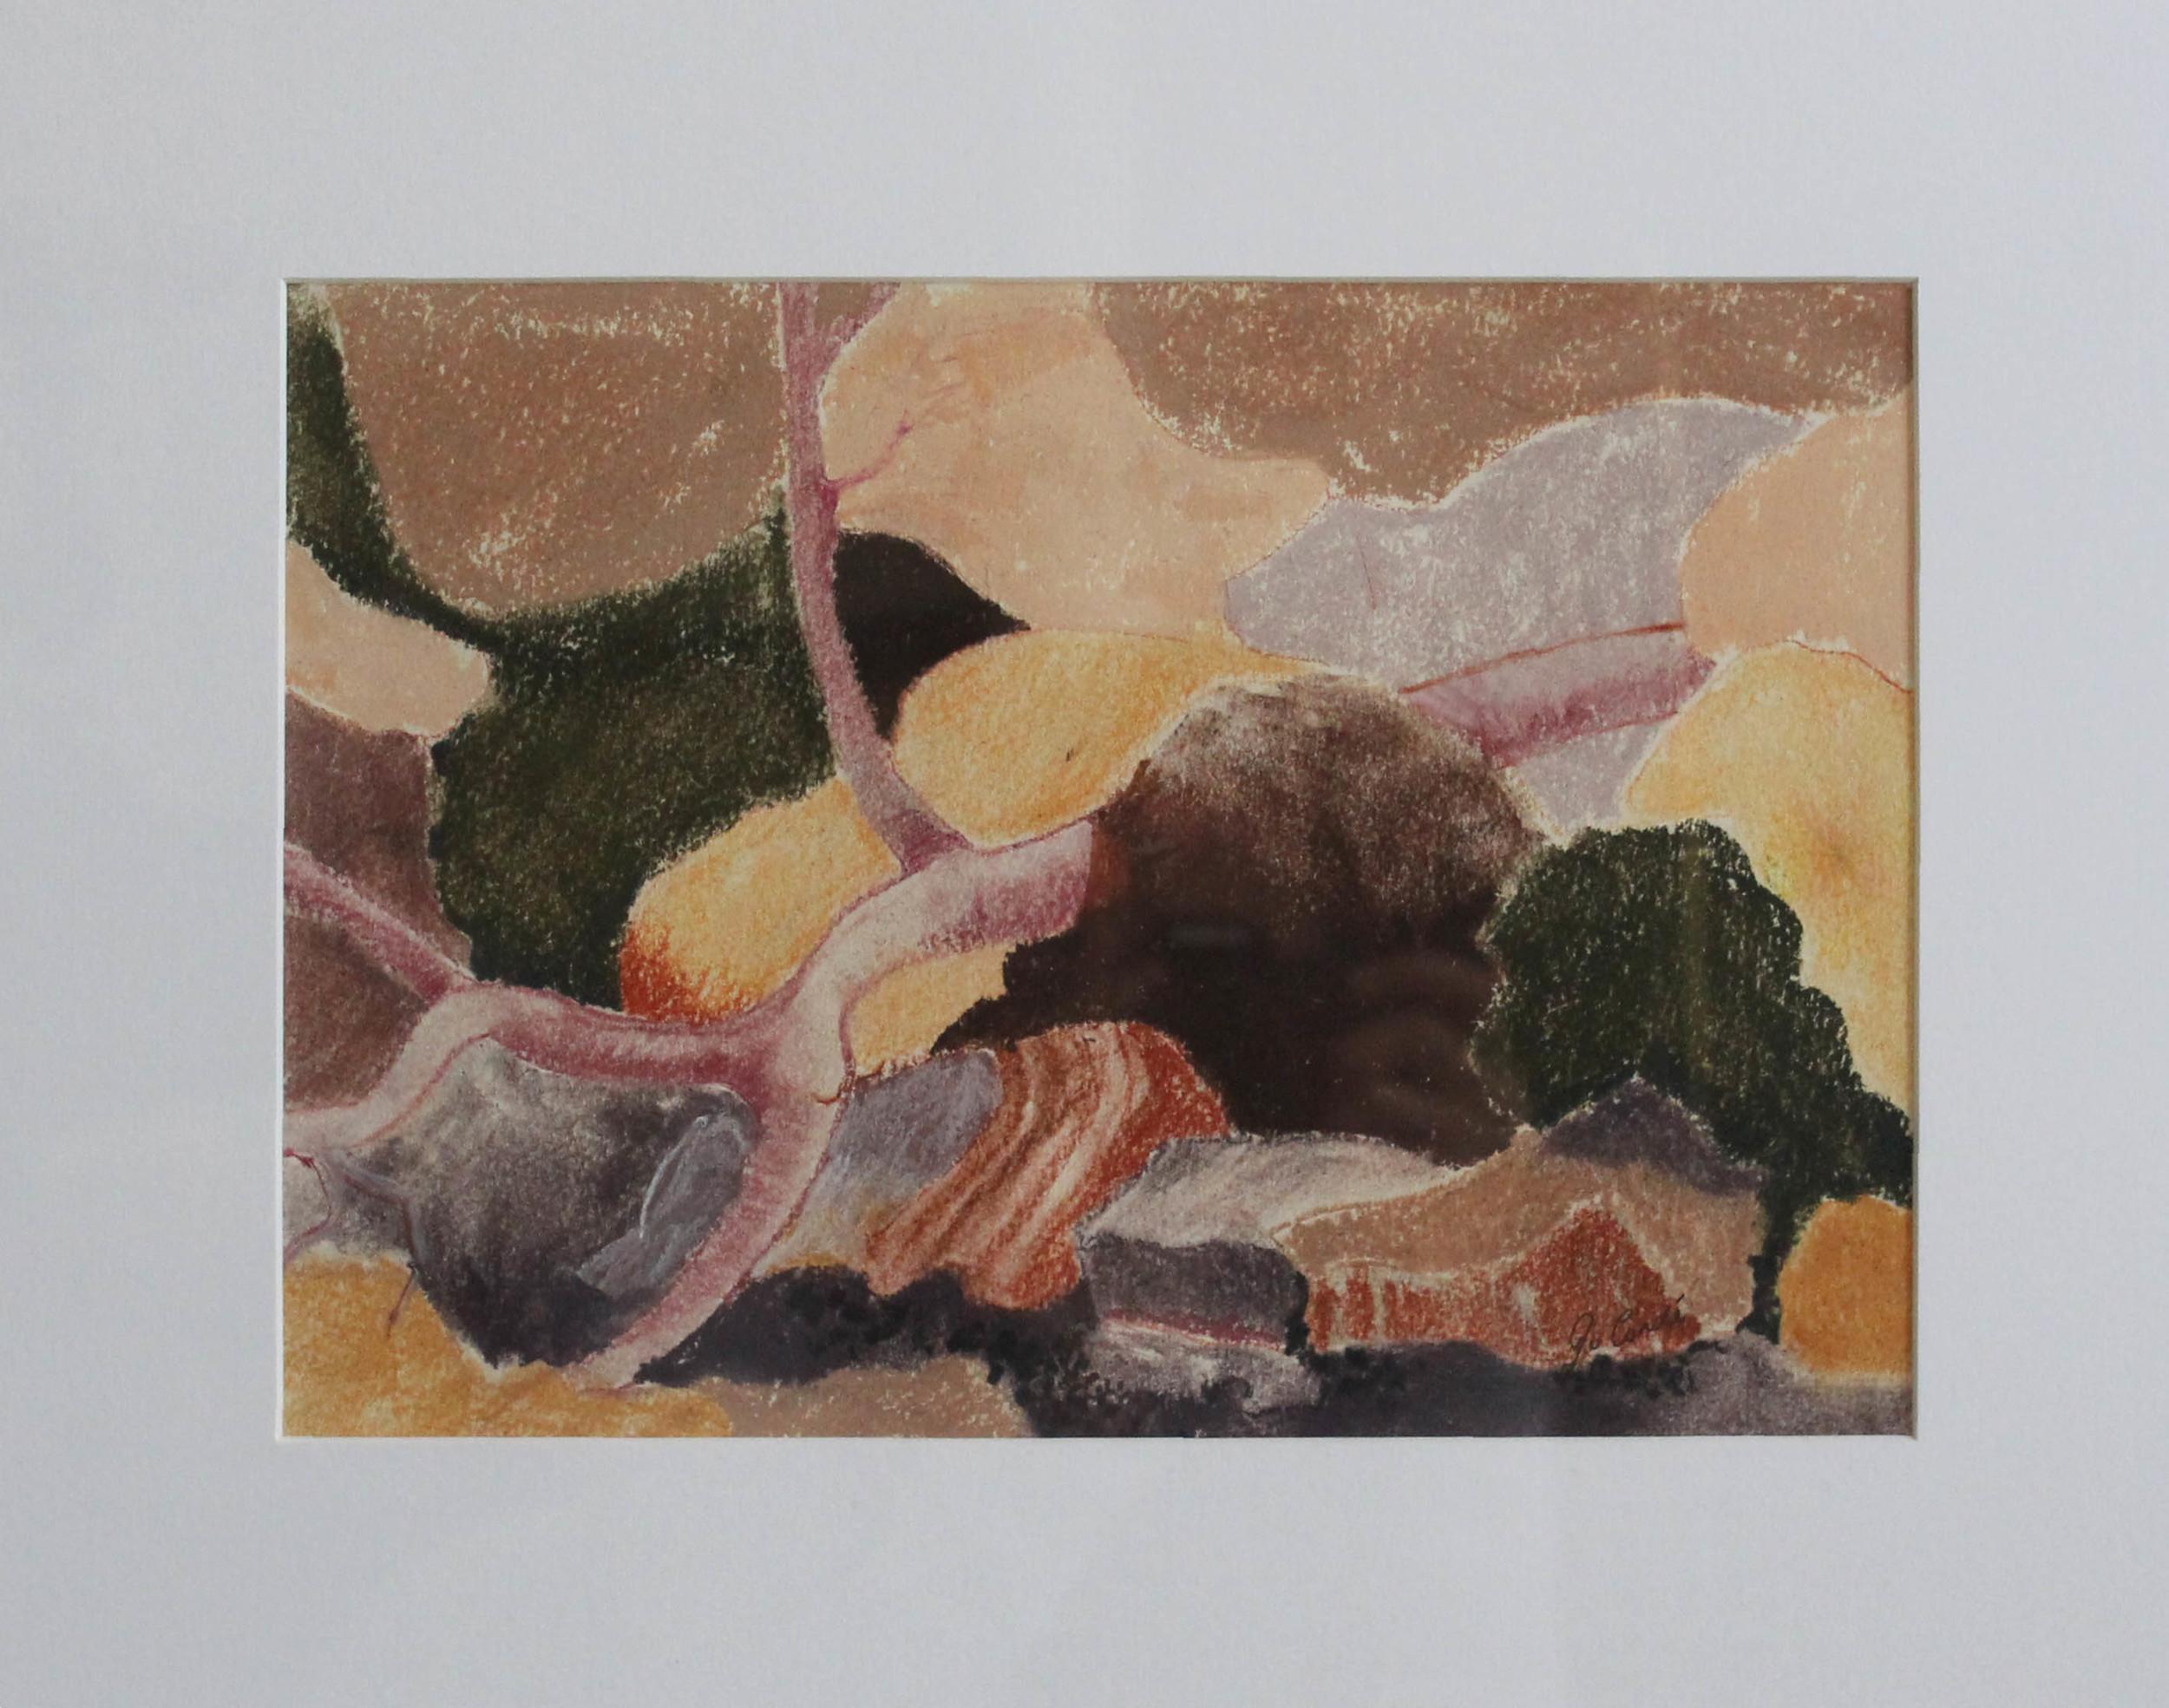 Fallen Tree, 510 x 430 mm